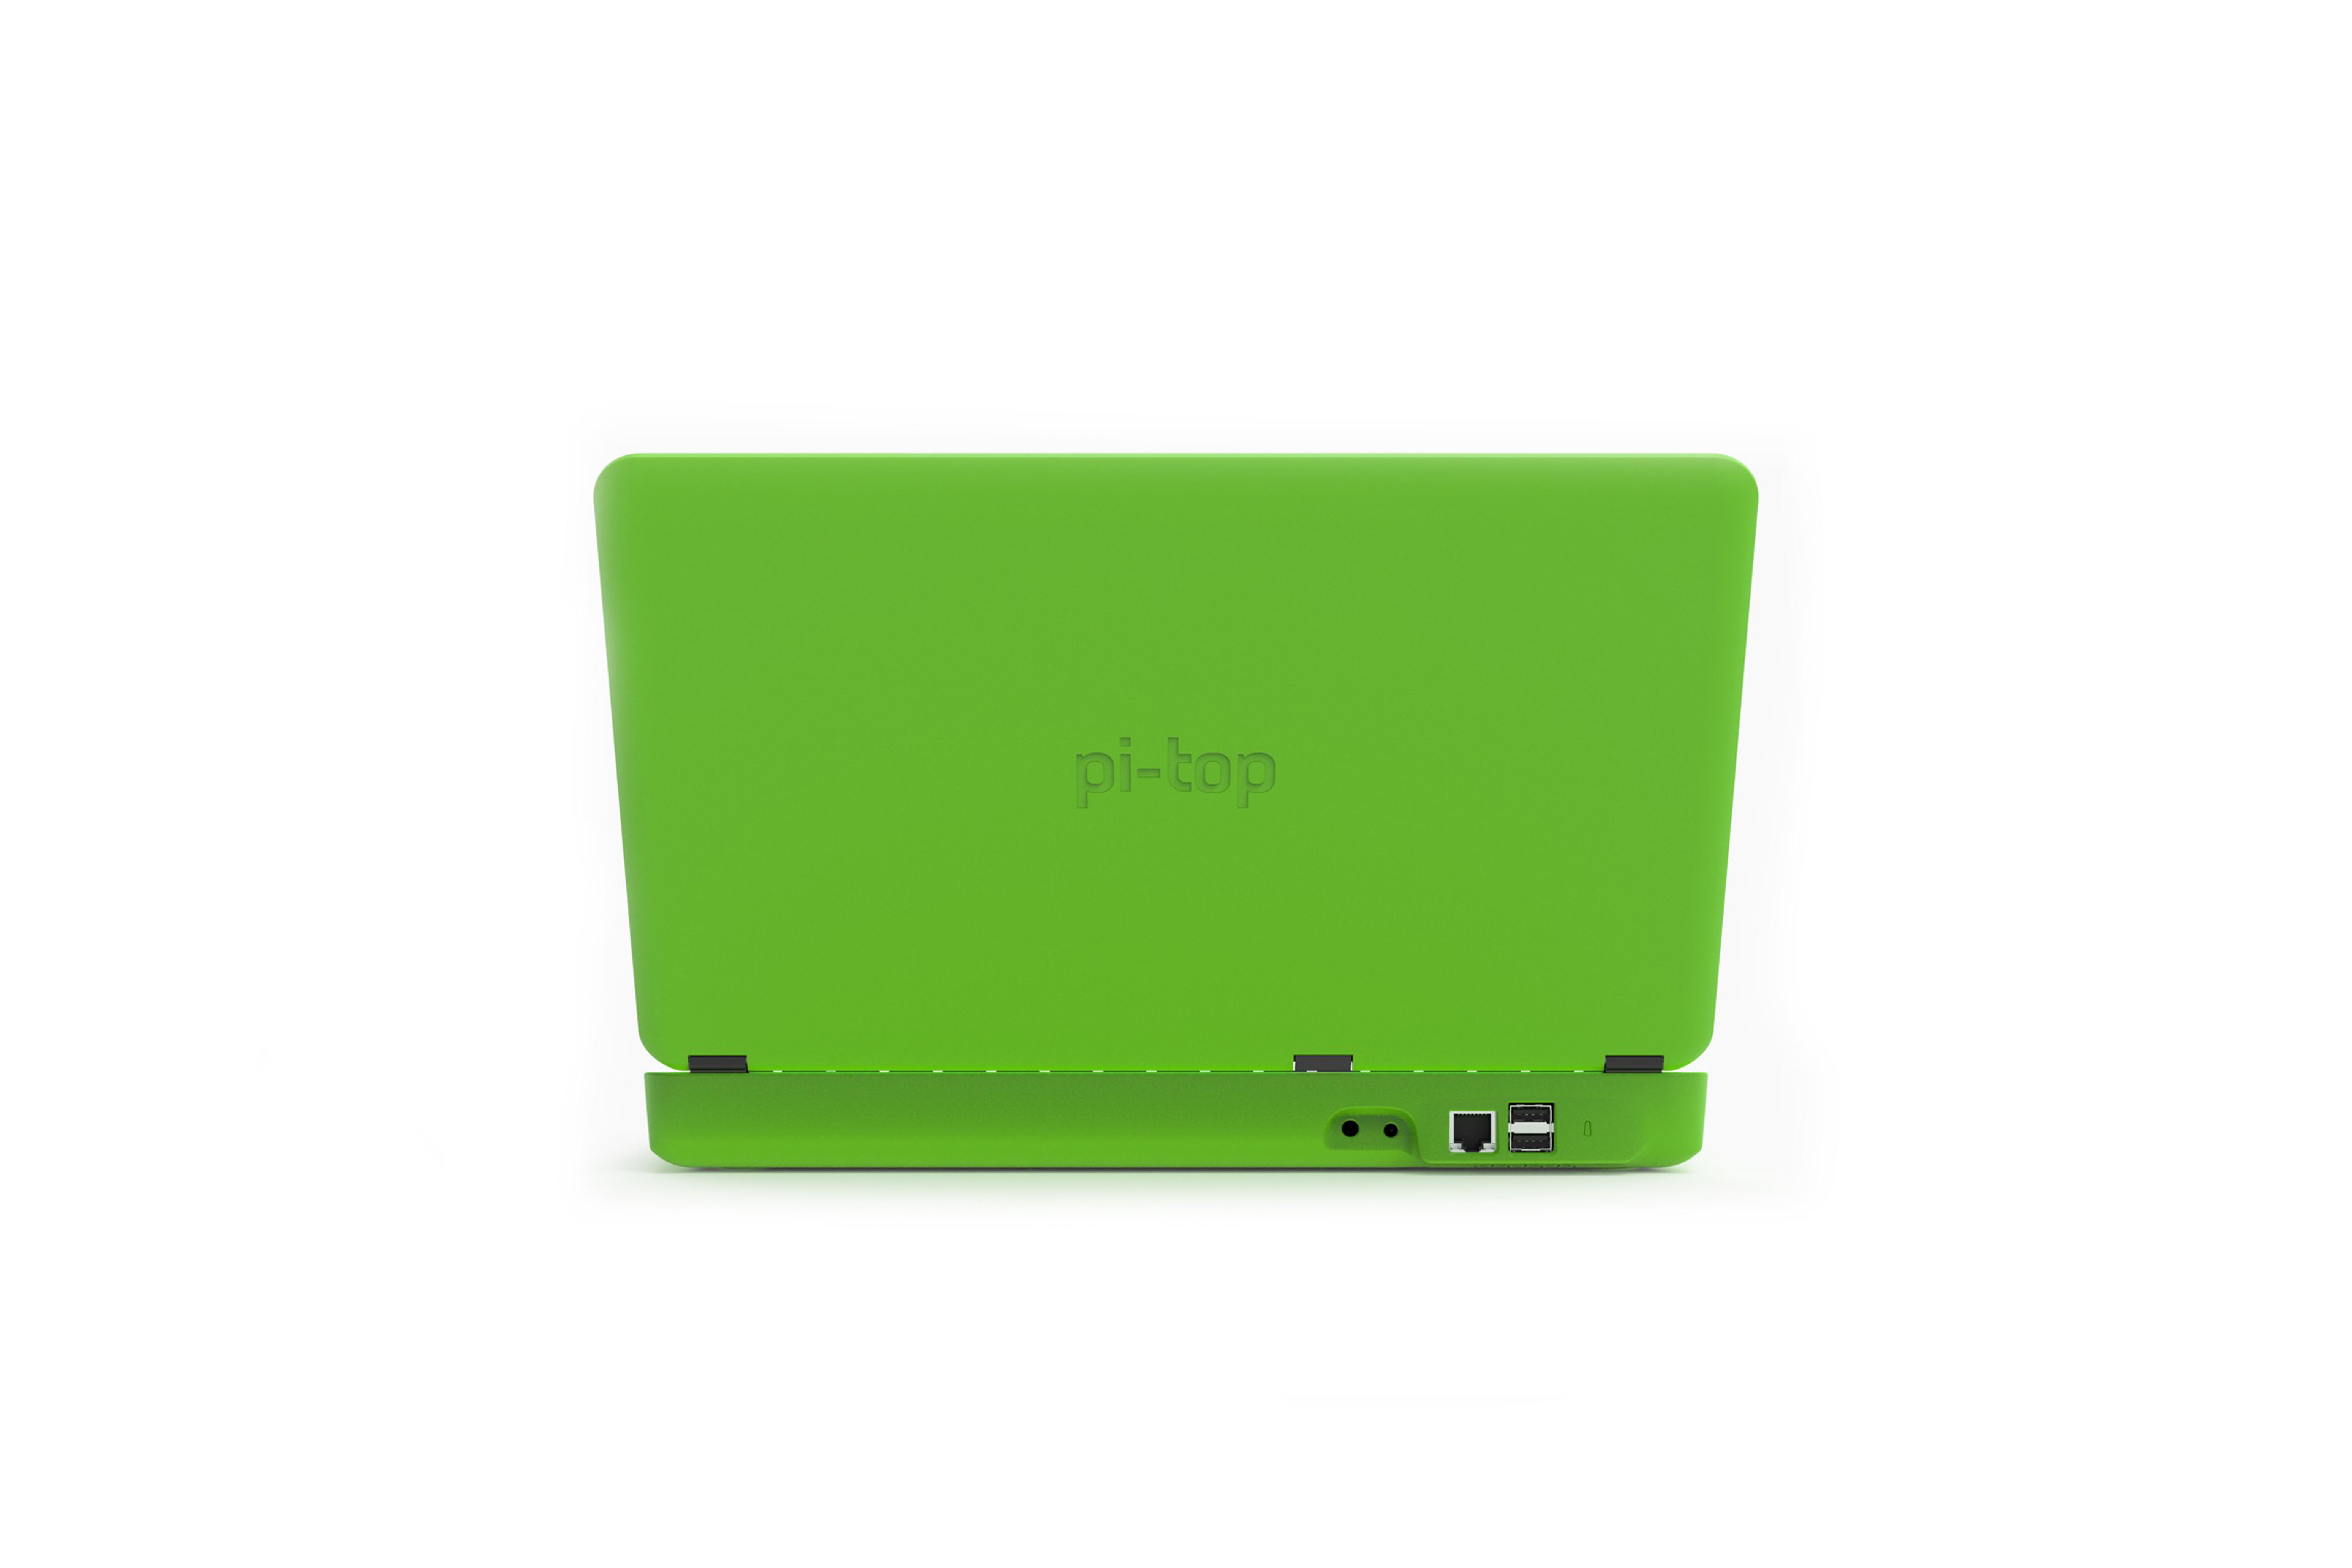 pi-top modulaire laptop met uitvindersset